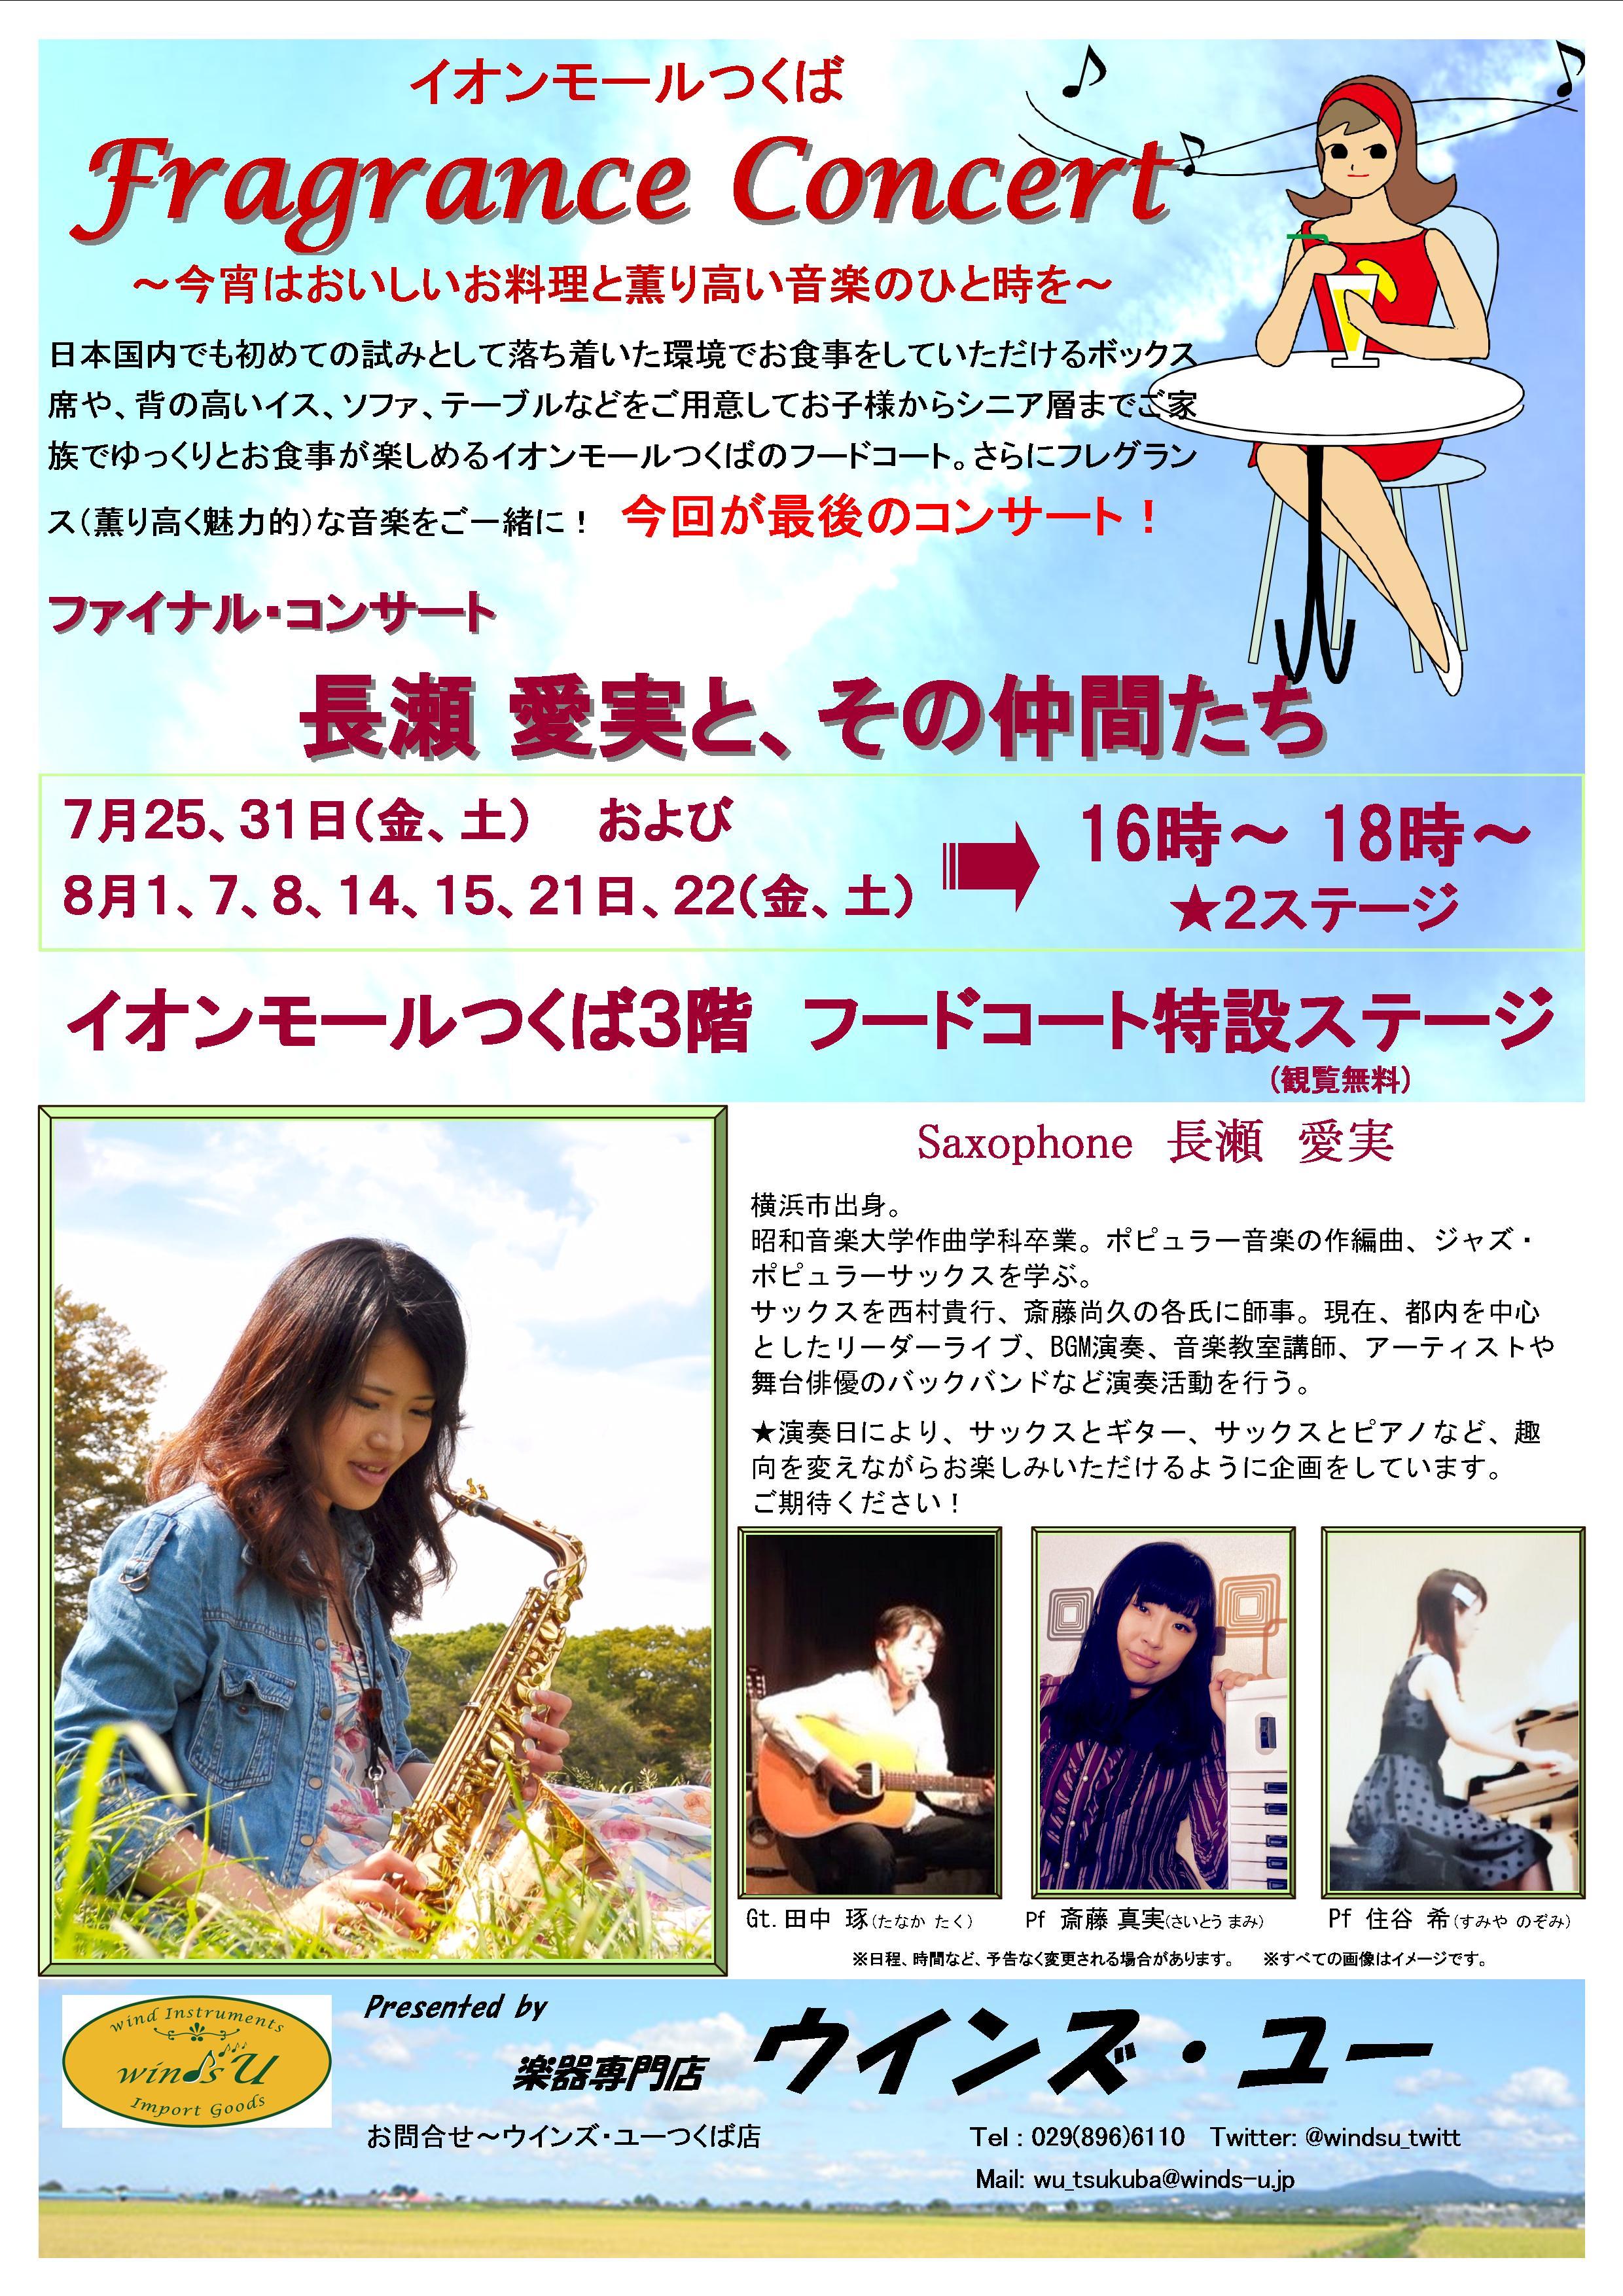 nagase_2015 7_8